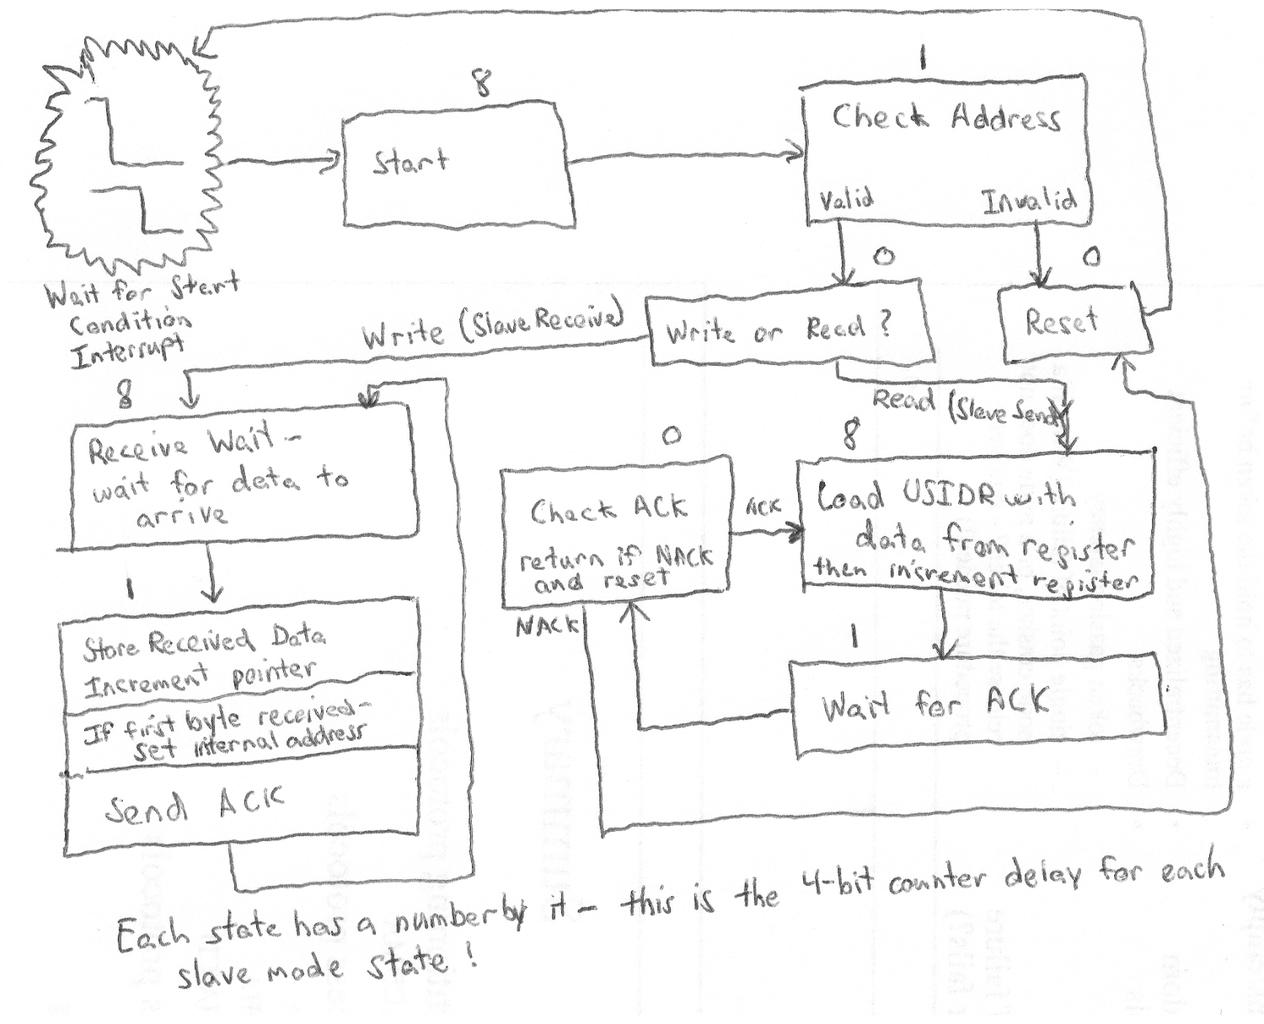 ATTiny USI I2C Code Implementation - USI I2C Slave